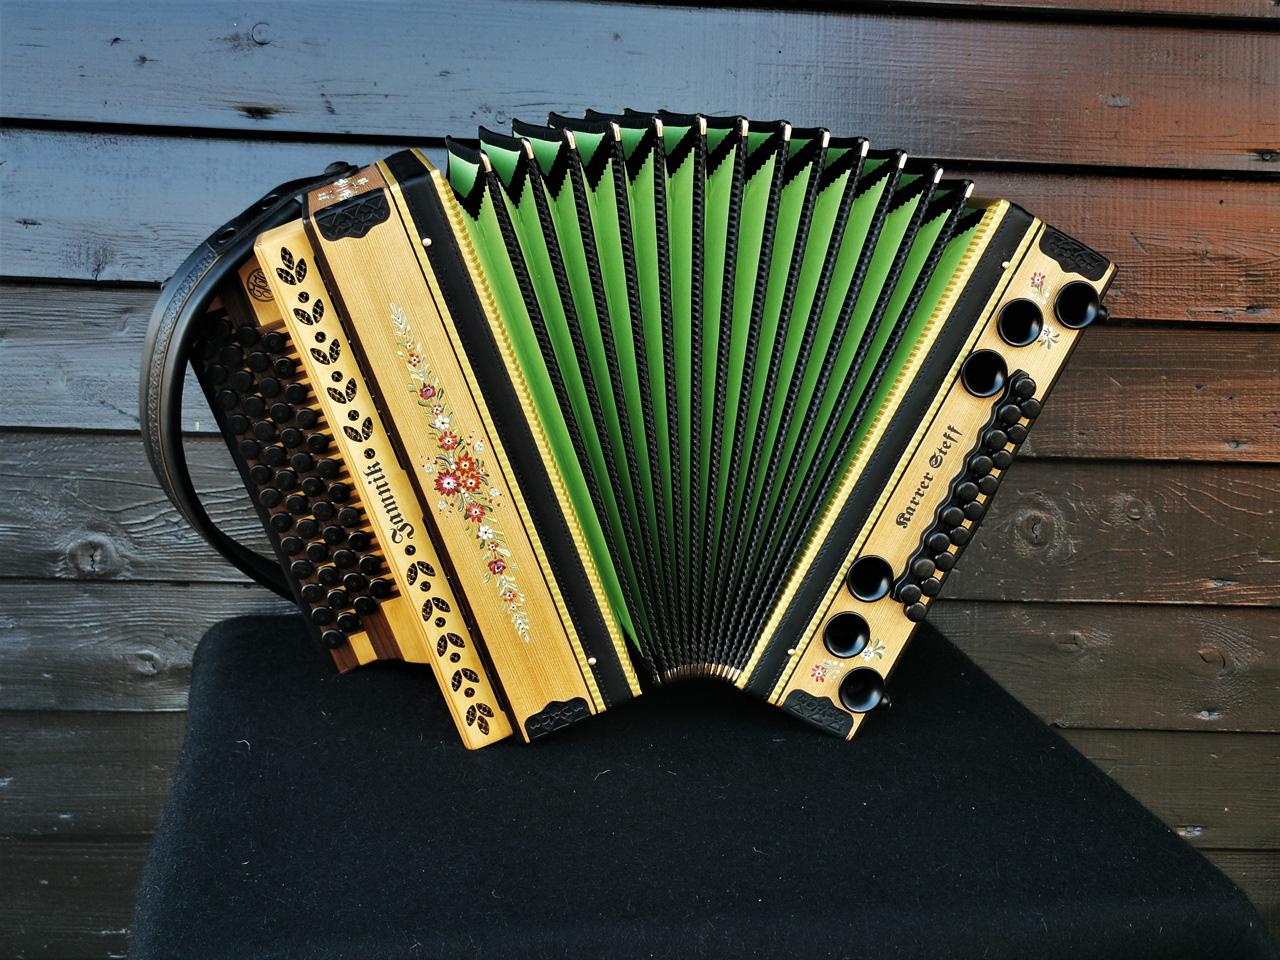 Steirische Harmonika aus Lärchenholz mit Bauernmalerei